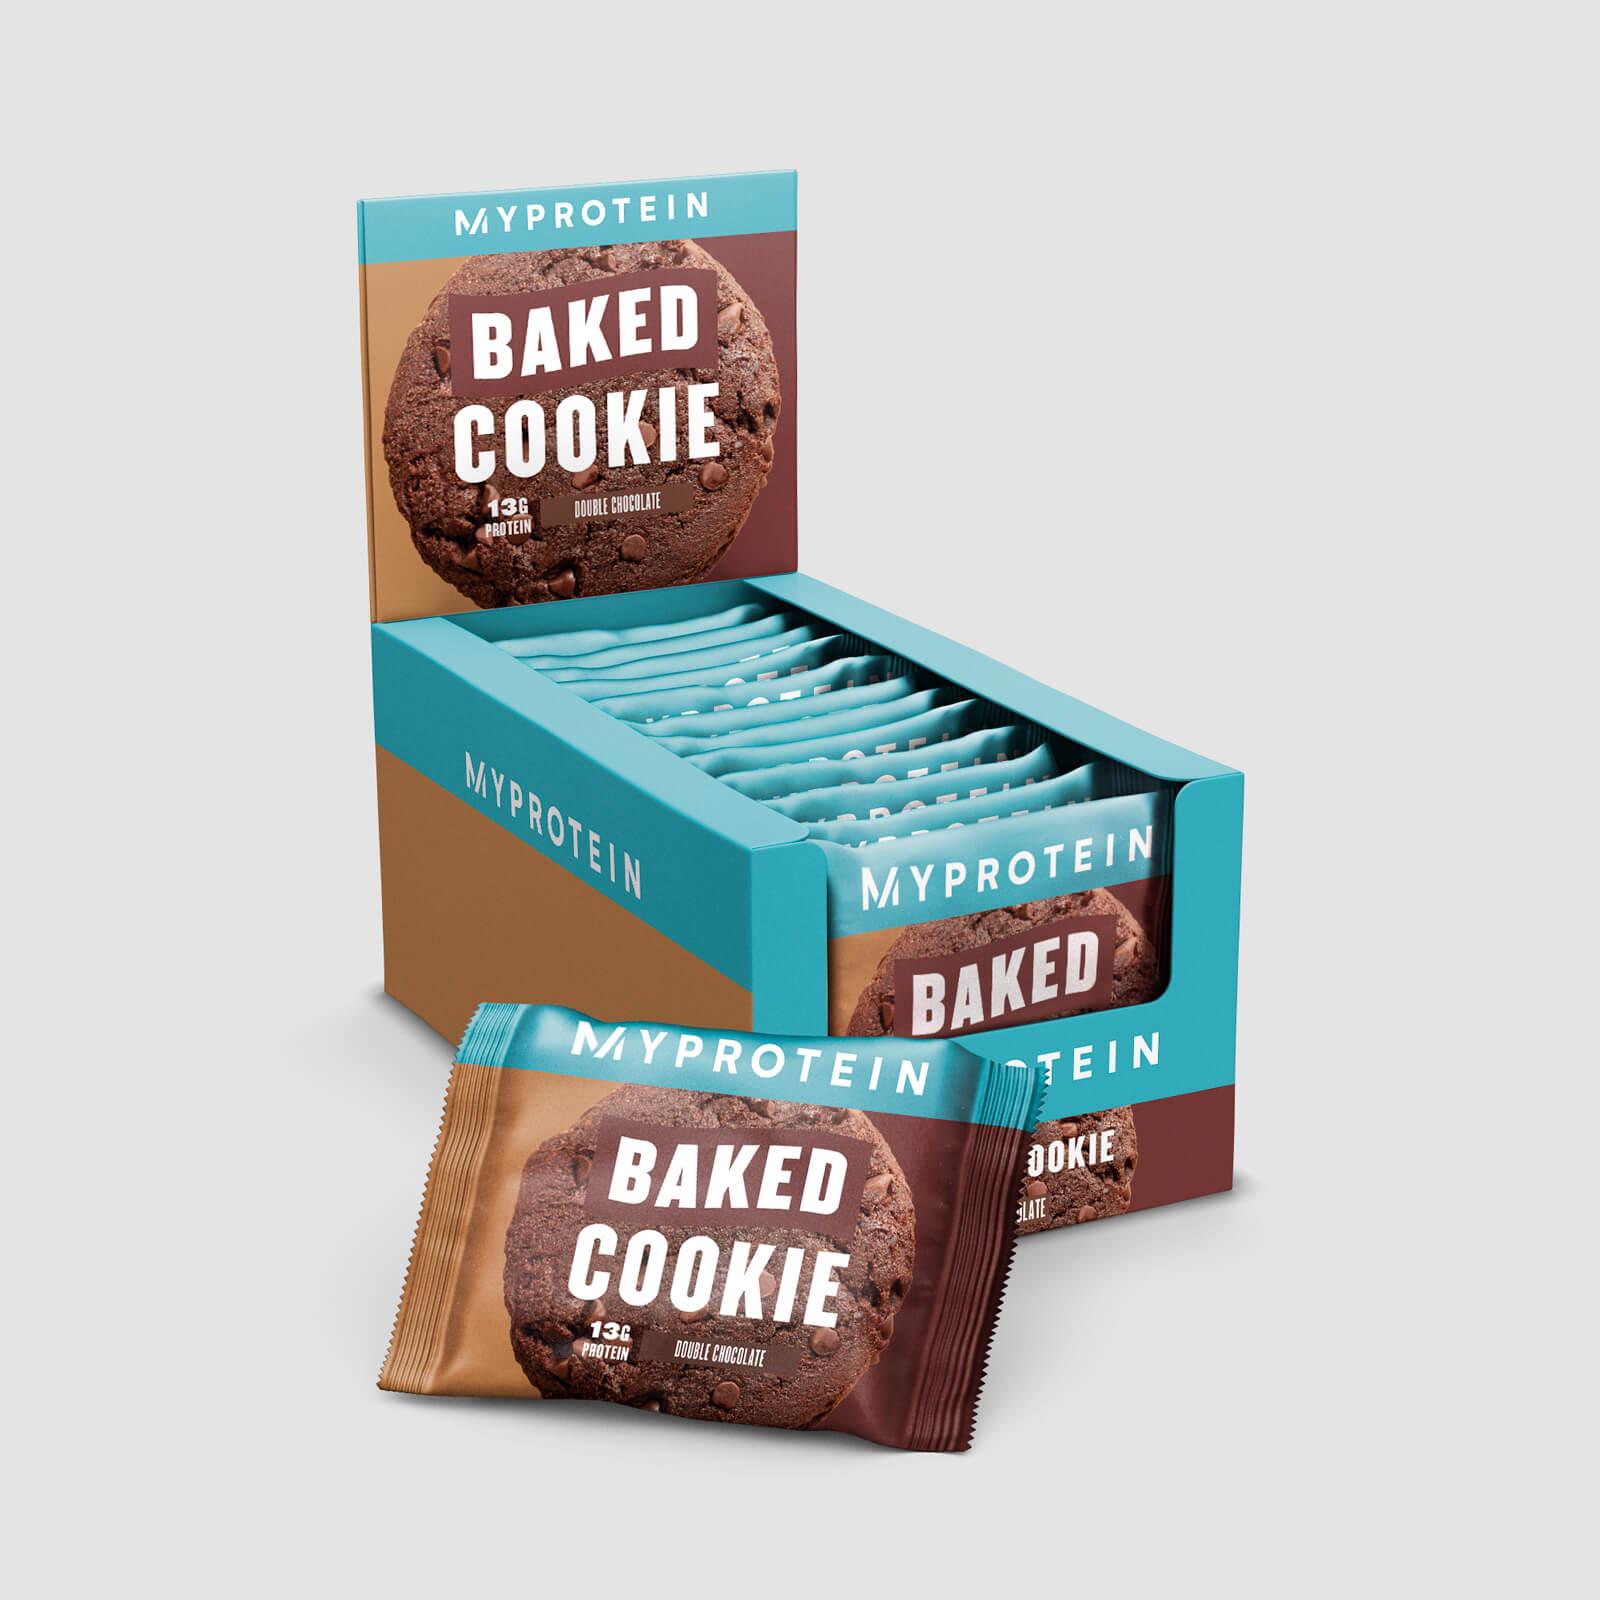 Myprotein Cookies Protéinés Moelleux - Chocolat